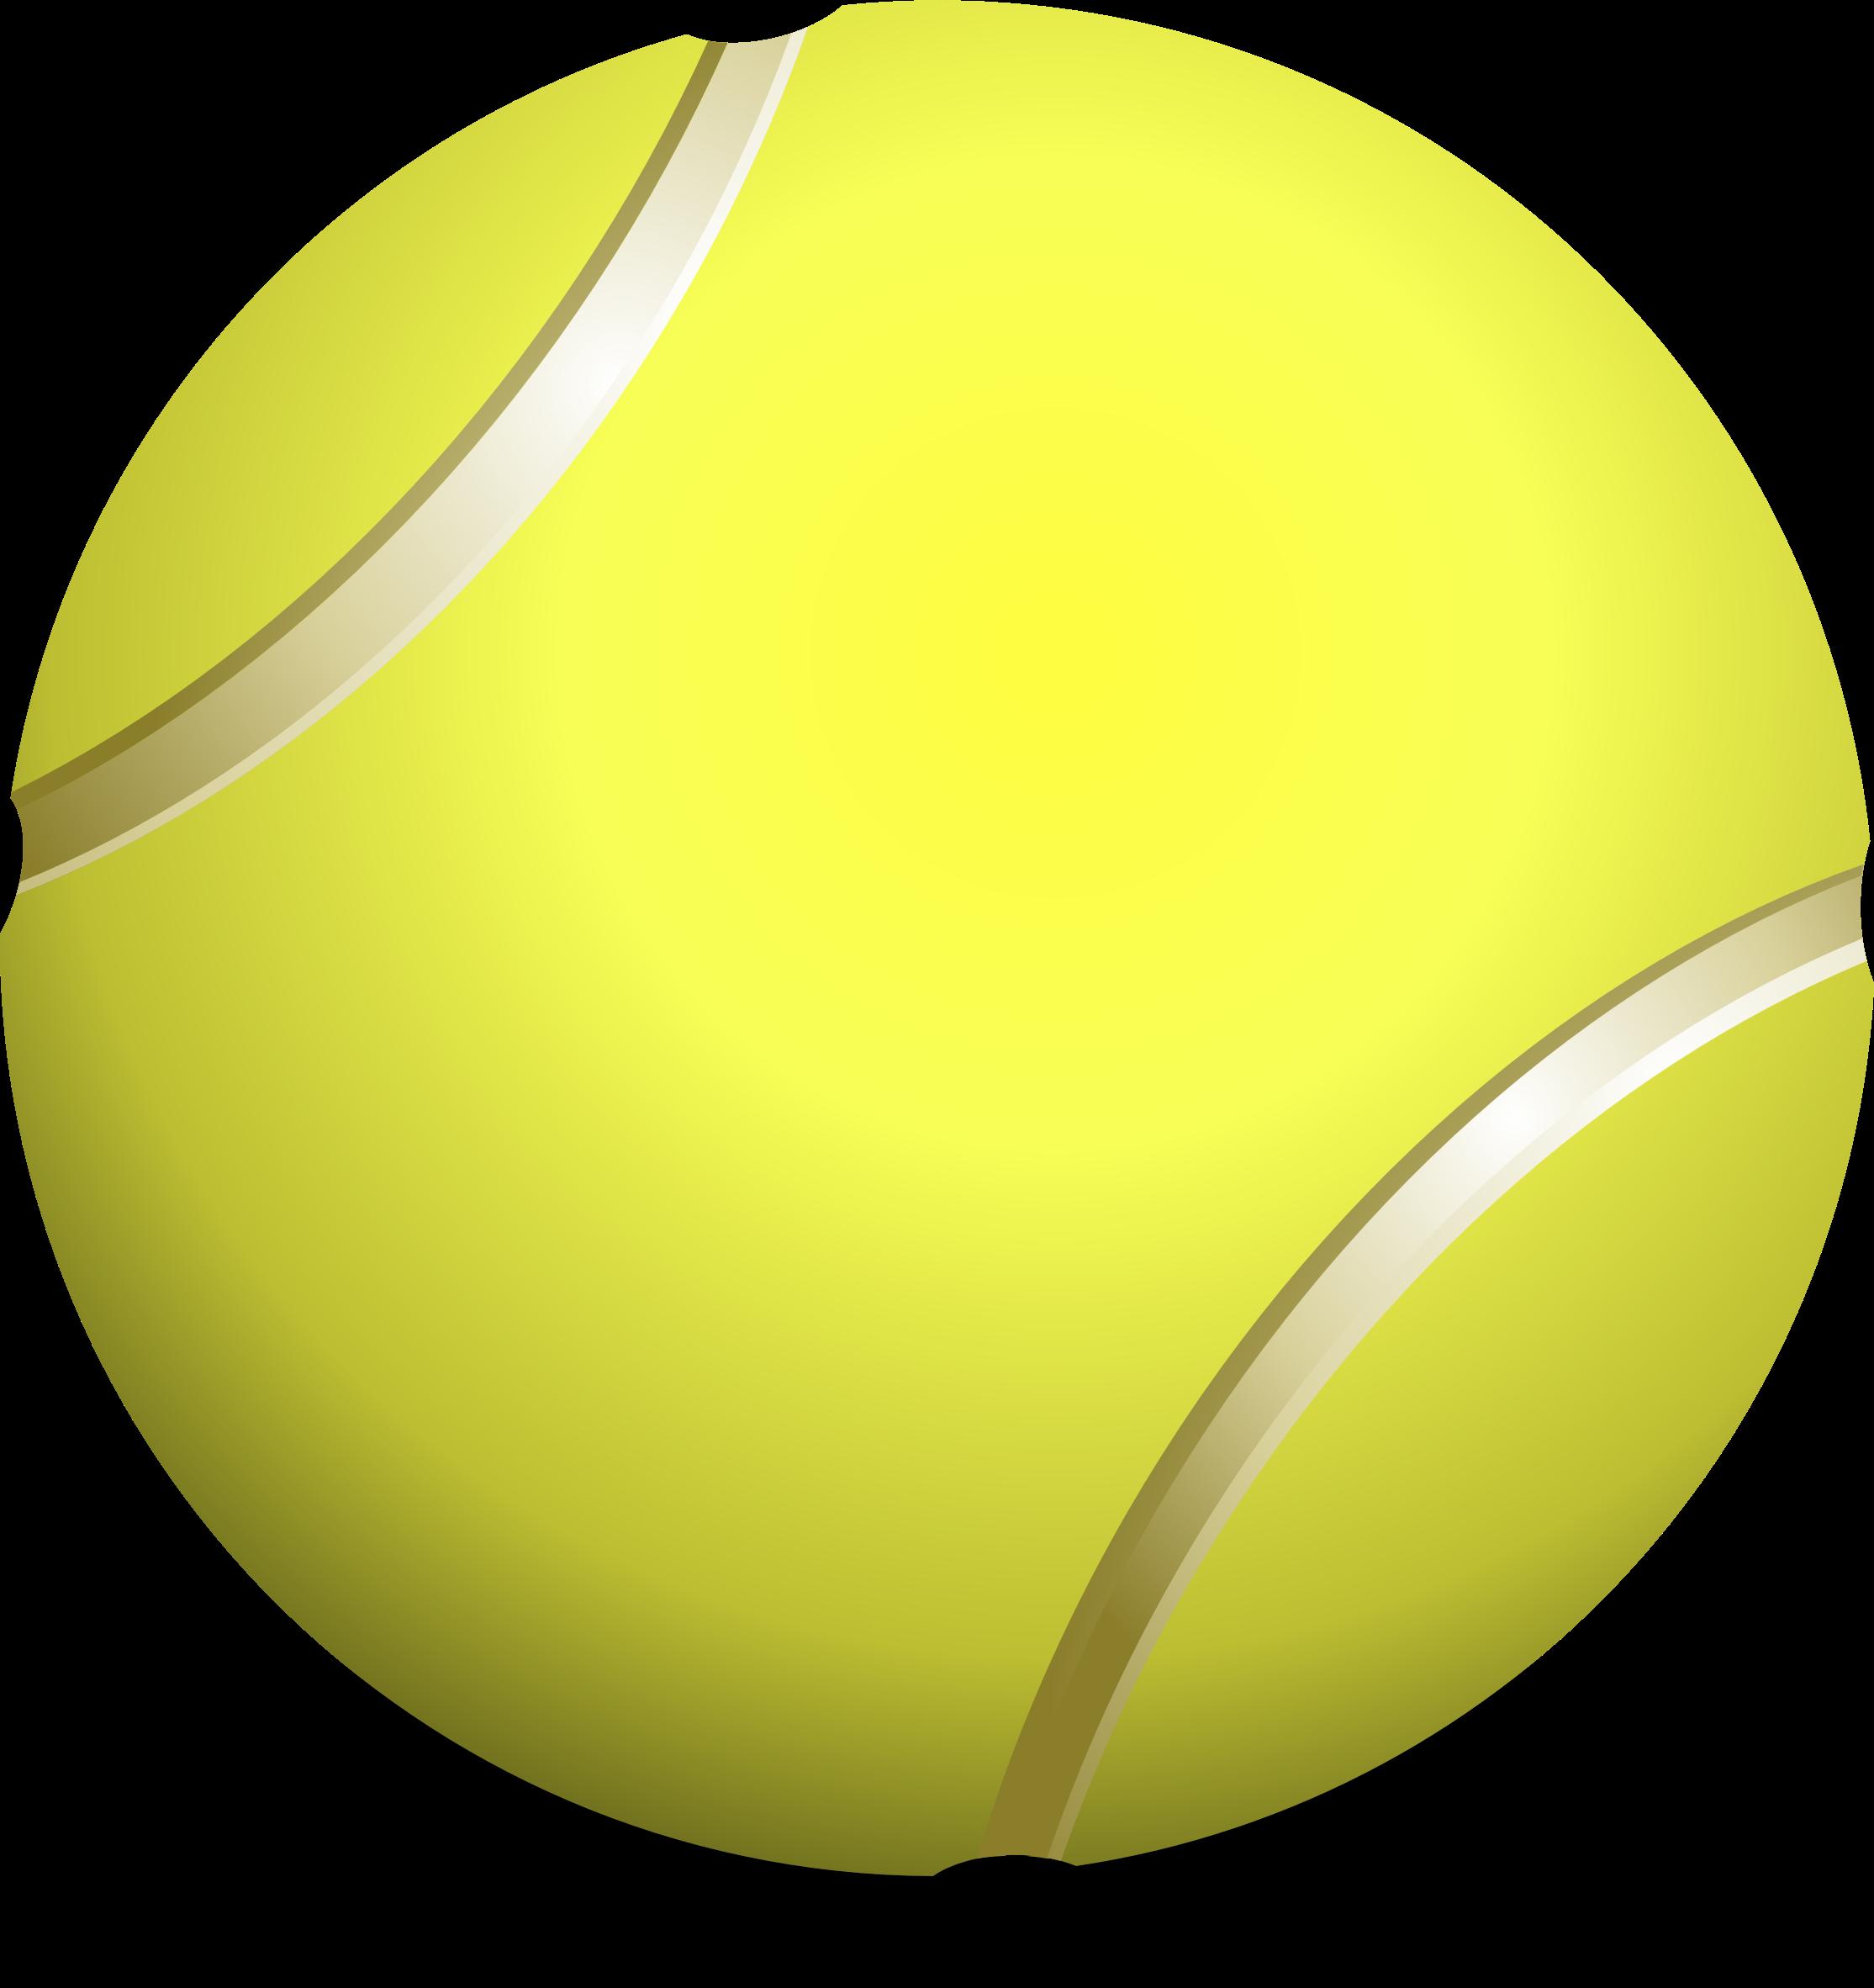 Clipart - tennis ball, teniso kamuoliukas